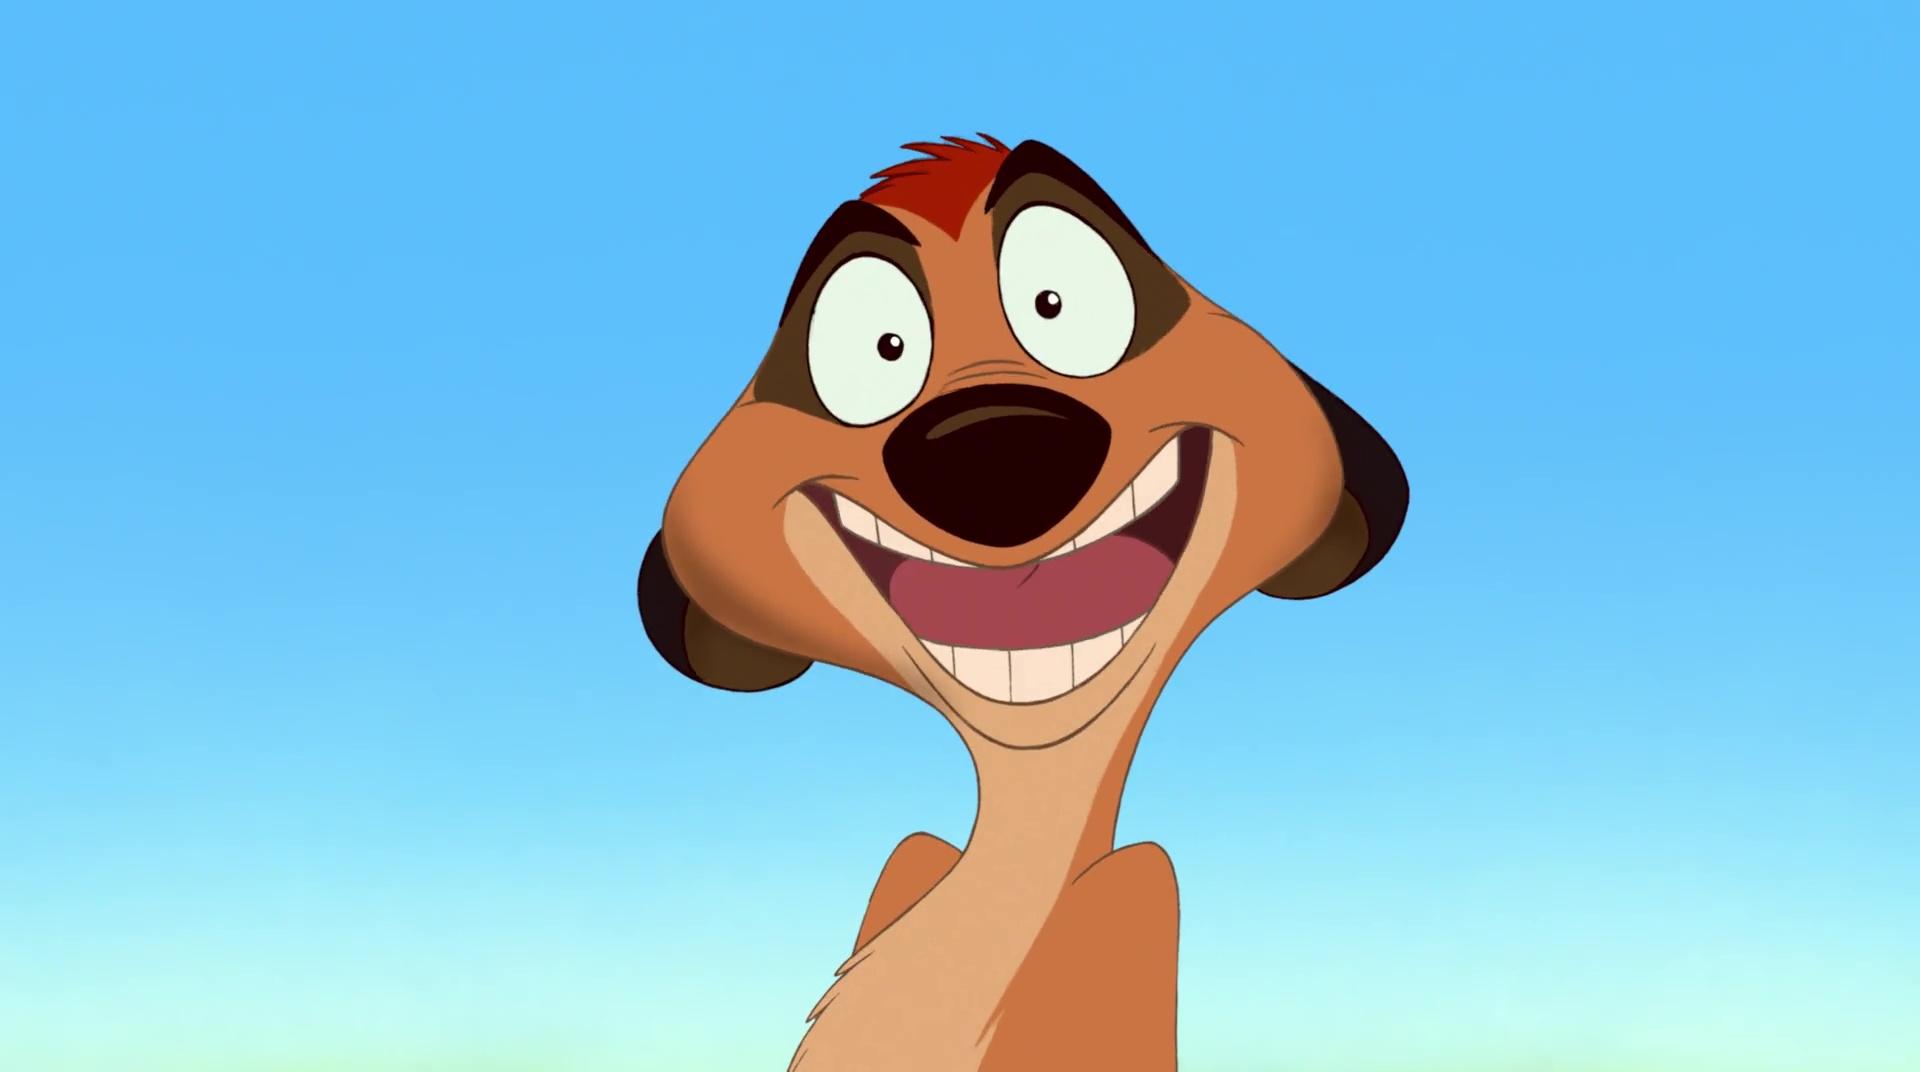 Timon personnage dans le roi lion disney planet - Les aventures de timon et pumba ...